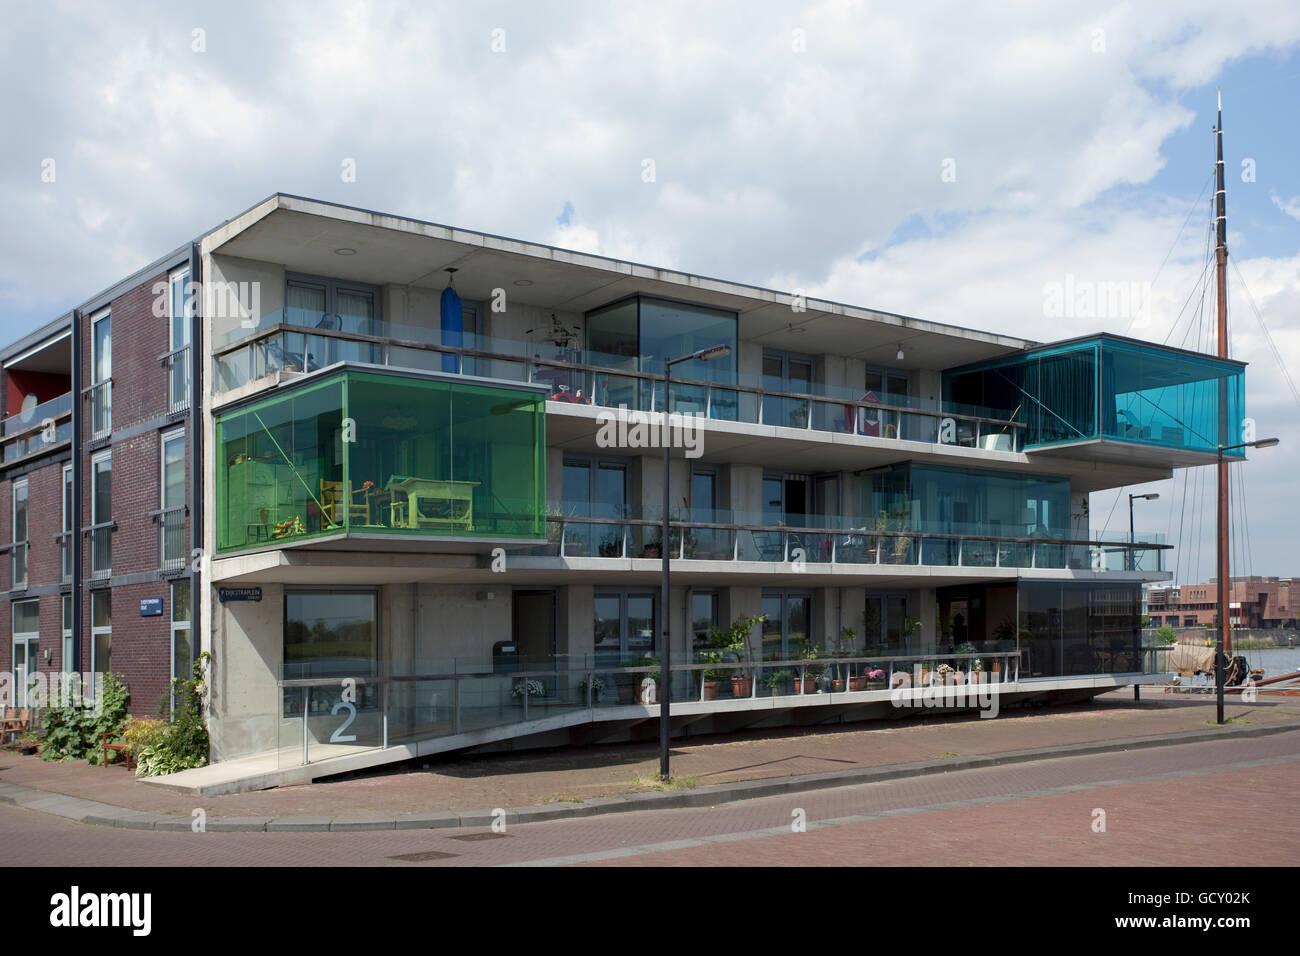 Moderne Architektur, Wohnungsbau auf Borneo Insel, Amsterdam, Holland, Niederlande, Europa Stockbild